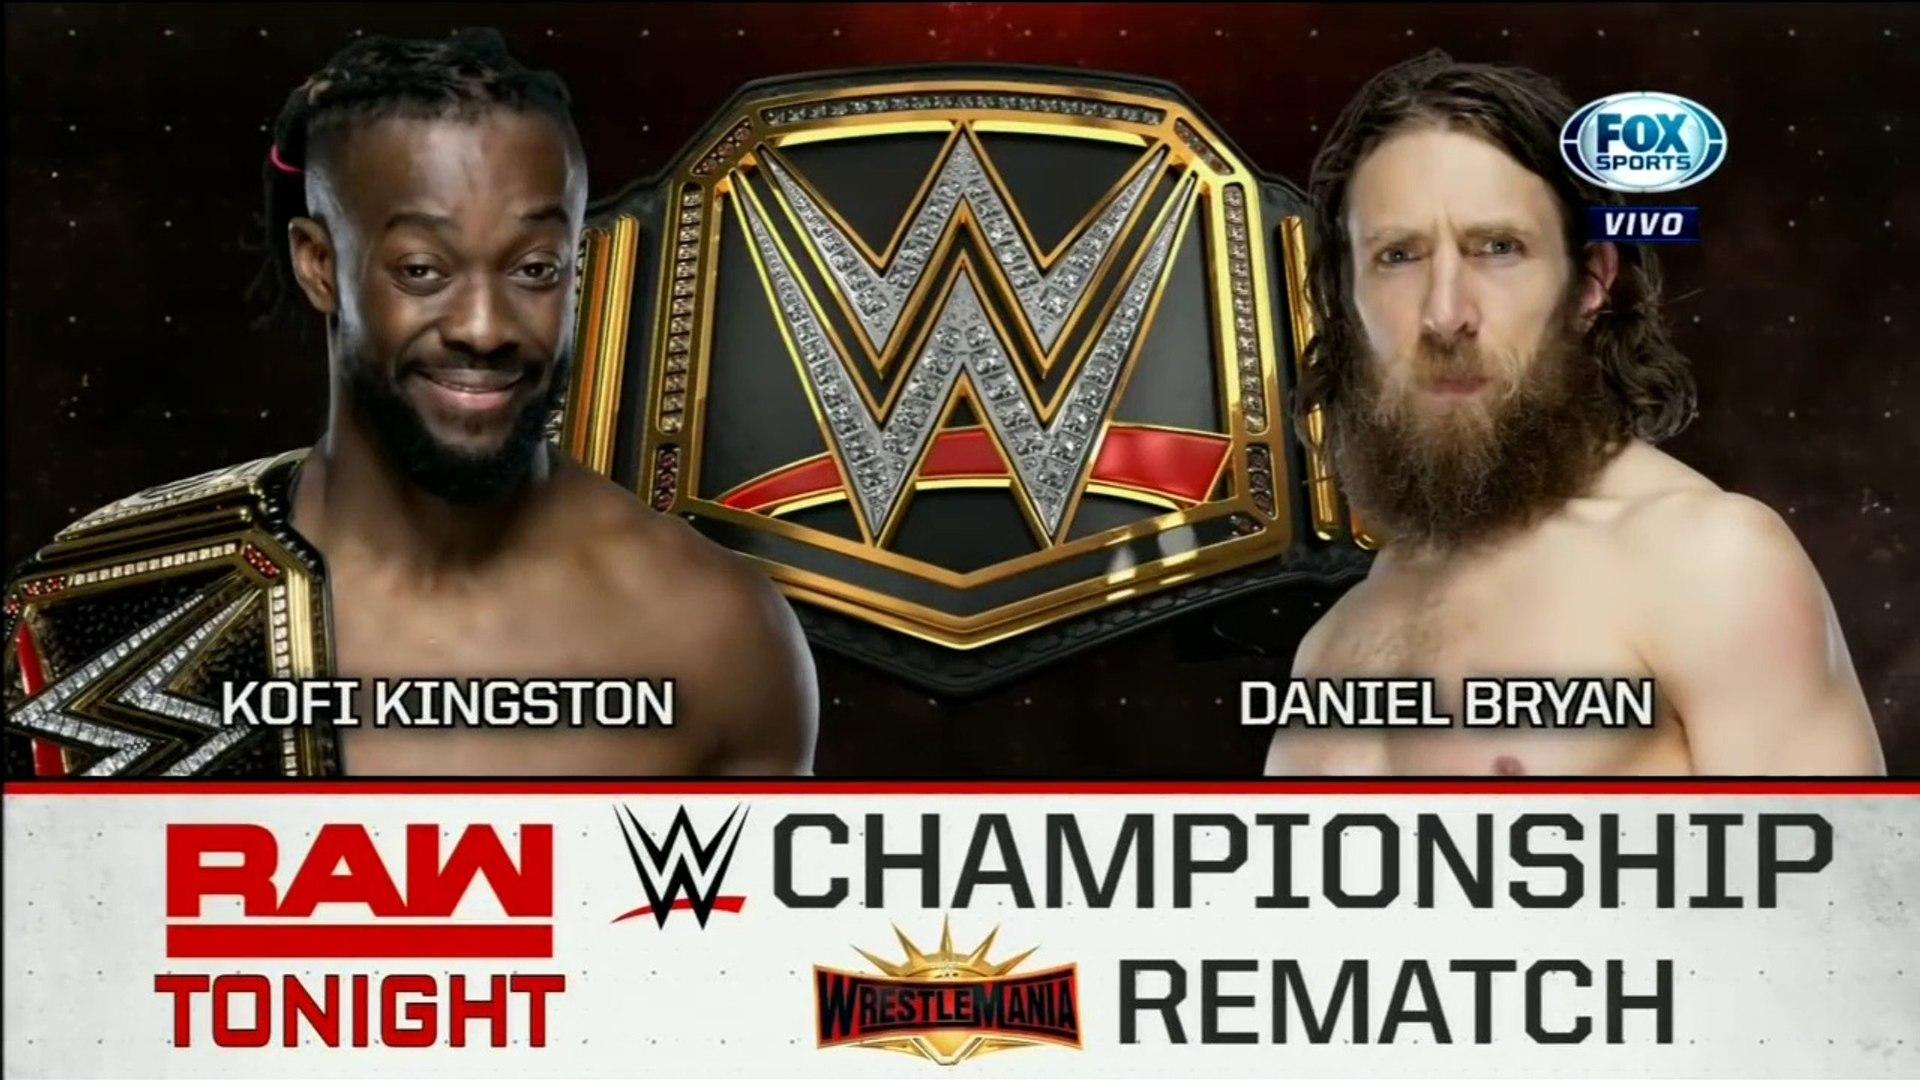 WWE Raw: Kofi Kingston vs. Daniel Bryan - Revancha de WrestleMania por el Campeonato de WWE | Españo